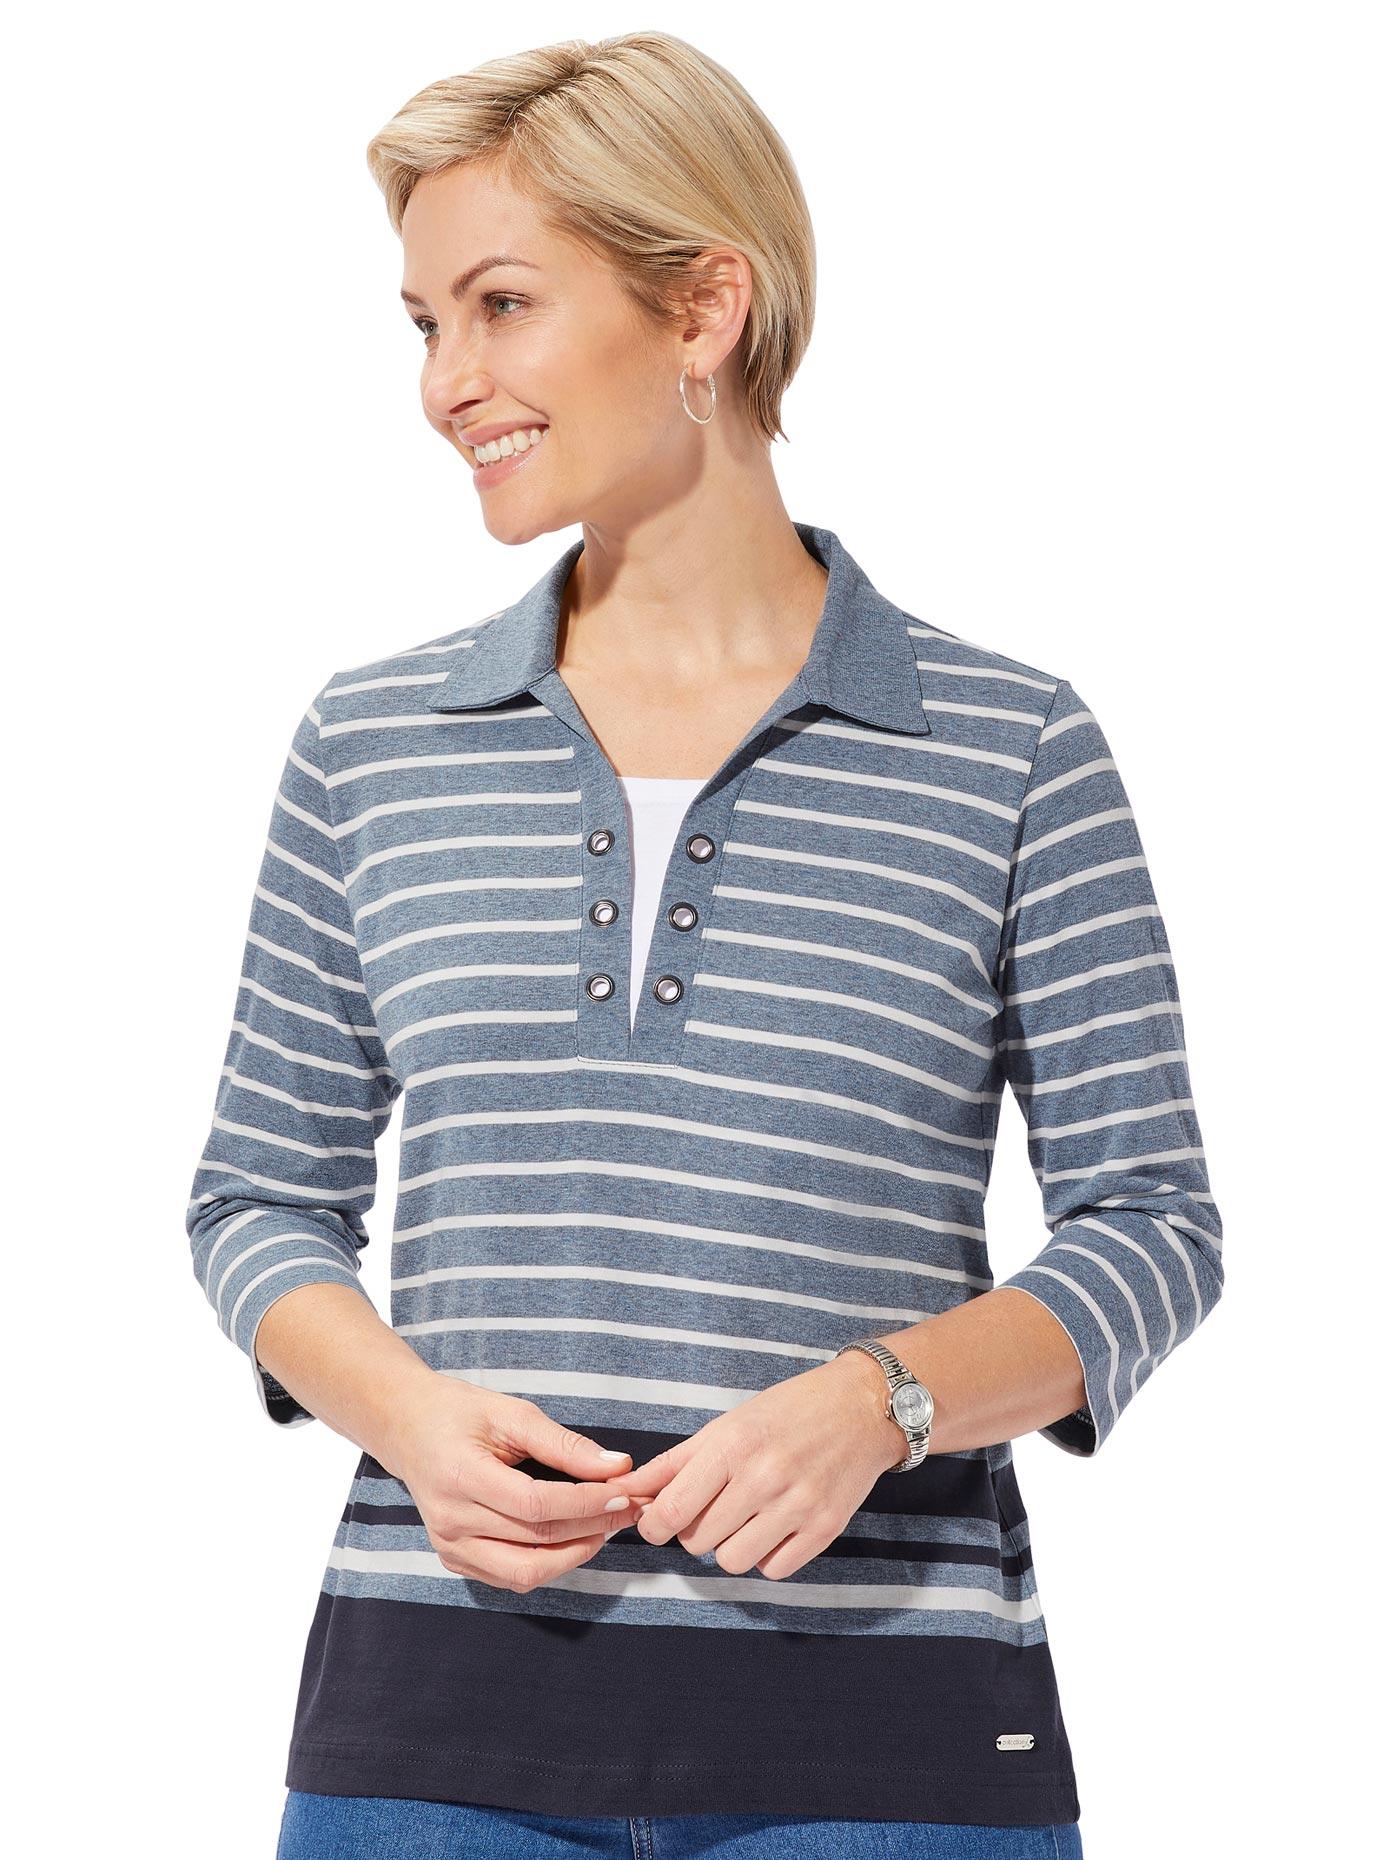 casual looks -  Poloshirt in der beliebten 2-in-1-Optik